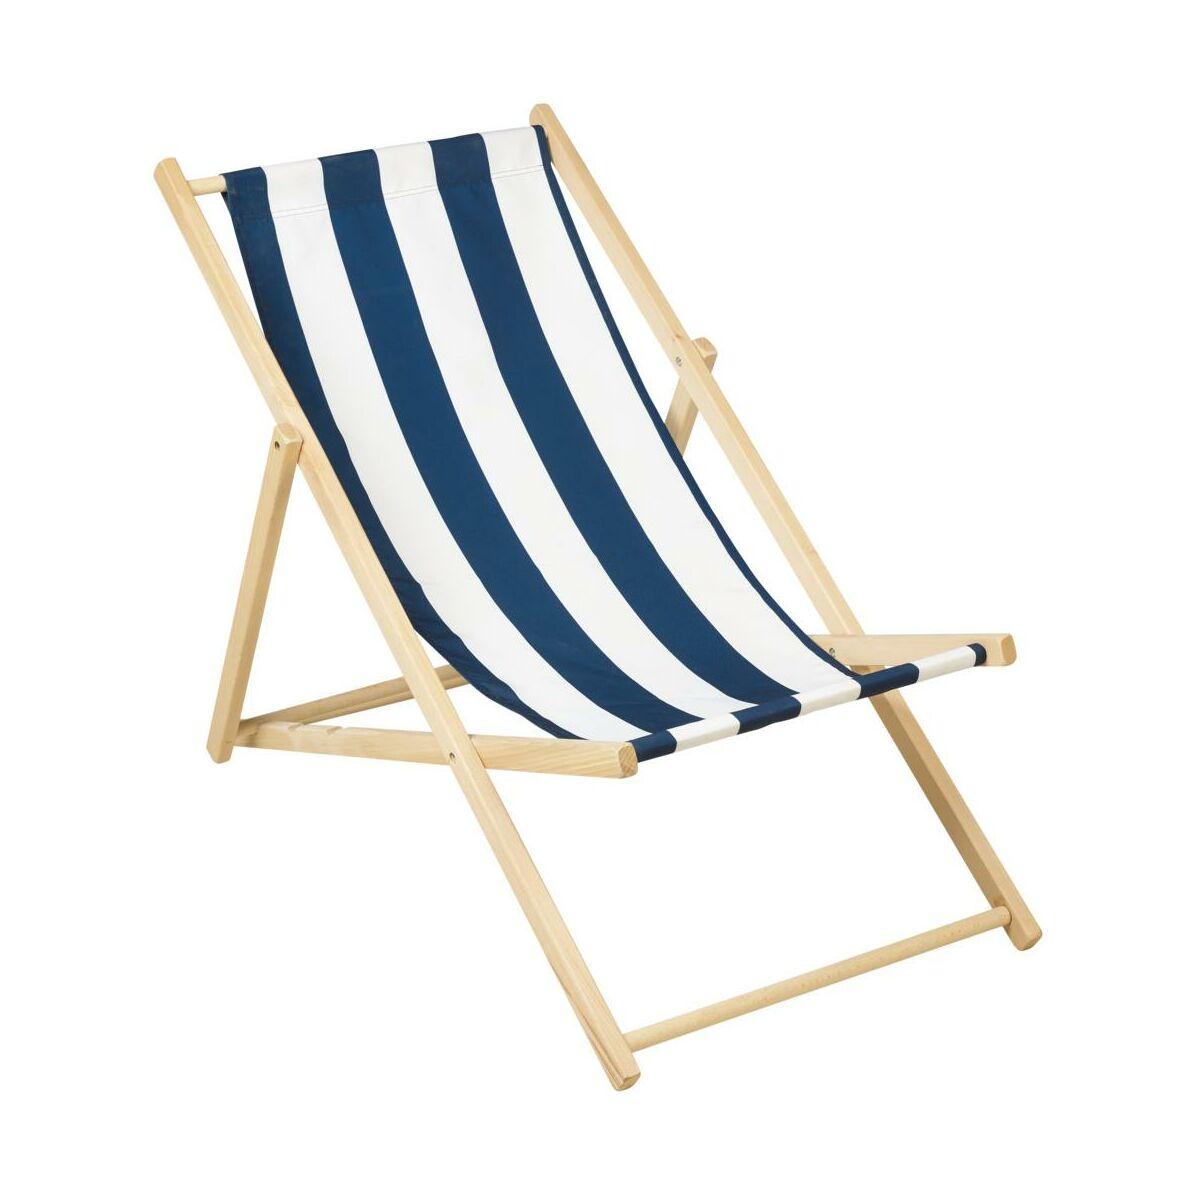 Lezak Plazowy Drewniany Bialo Niebieski Lezaki Lezanki Ogrodowe W Atrakcyjnej Cenie W Sklepach Leroy Merlin